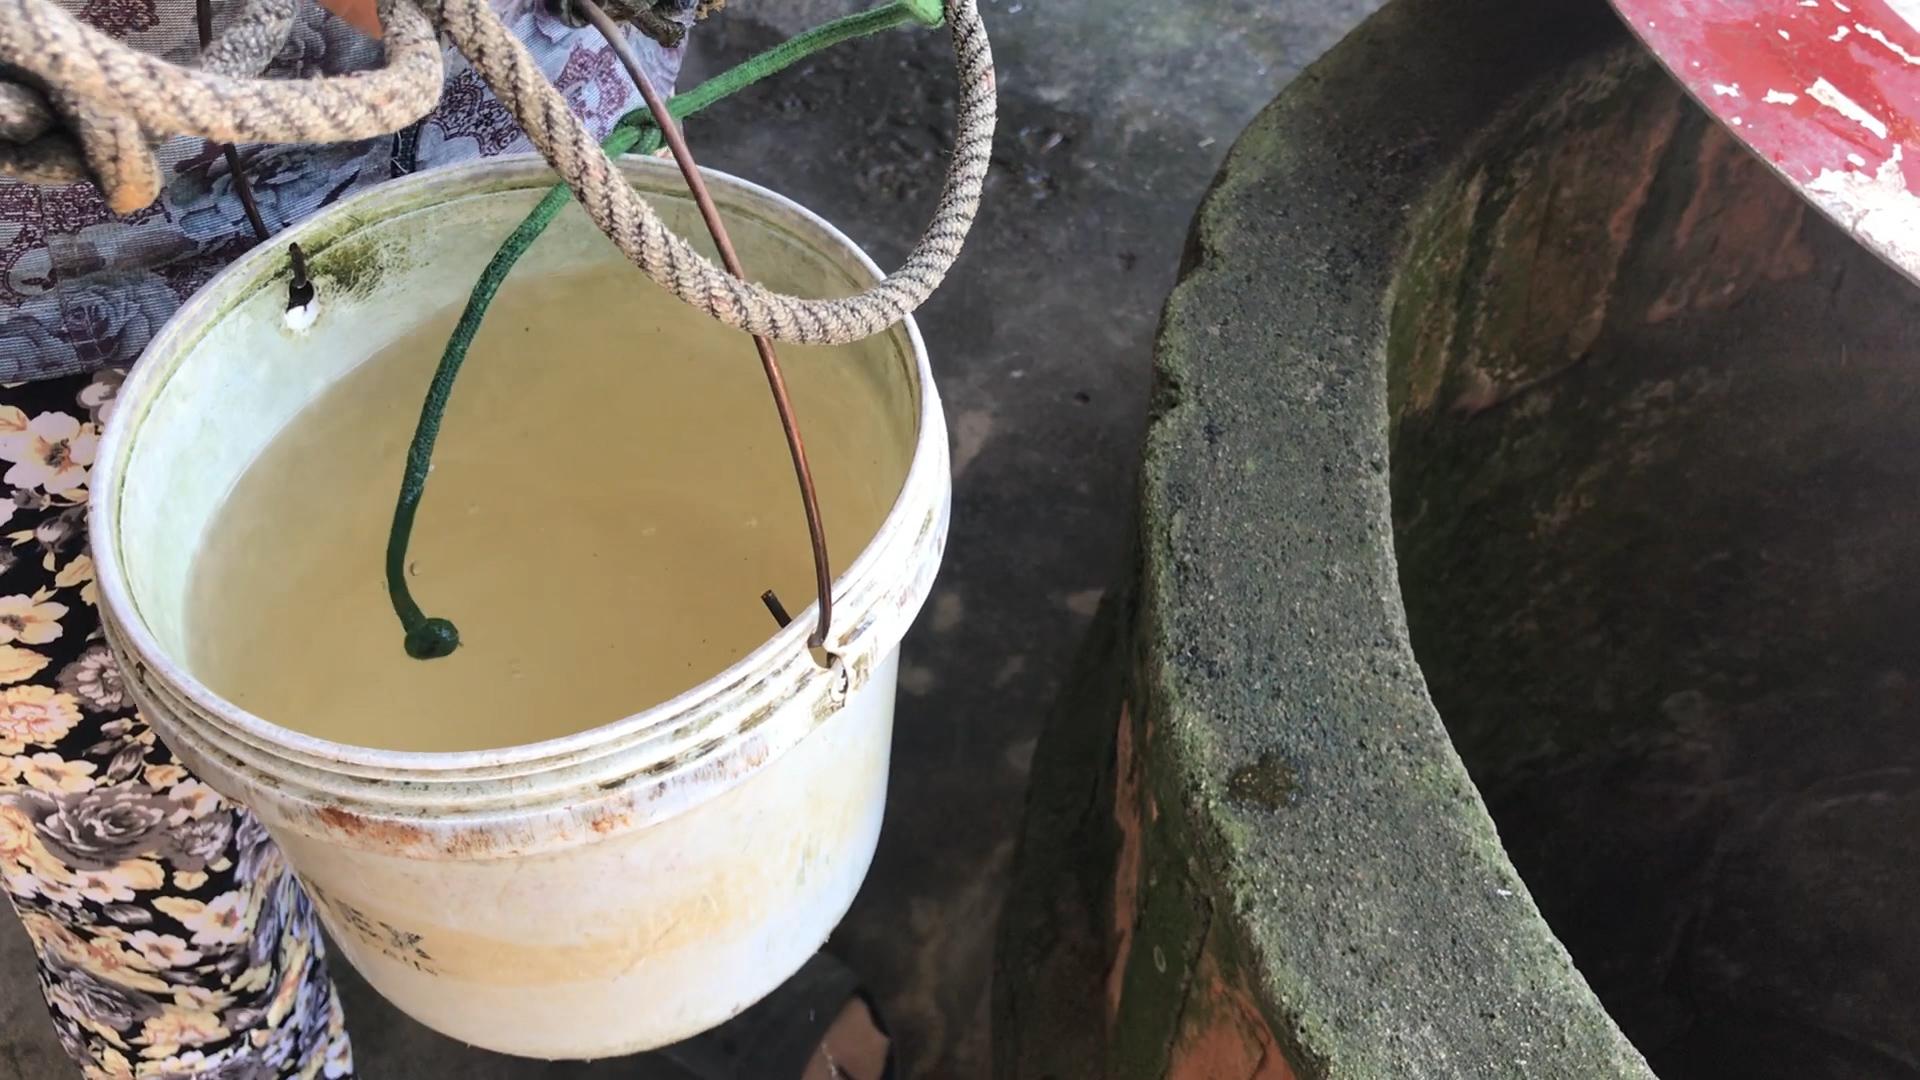 Người dân ở xã Nghĩa Thắng, huyện Tư Nghĩa, Quảng Ngãi đang thiếu nước sinh hoạt trầm trọng do khô hạn.